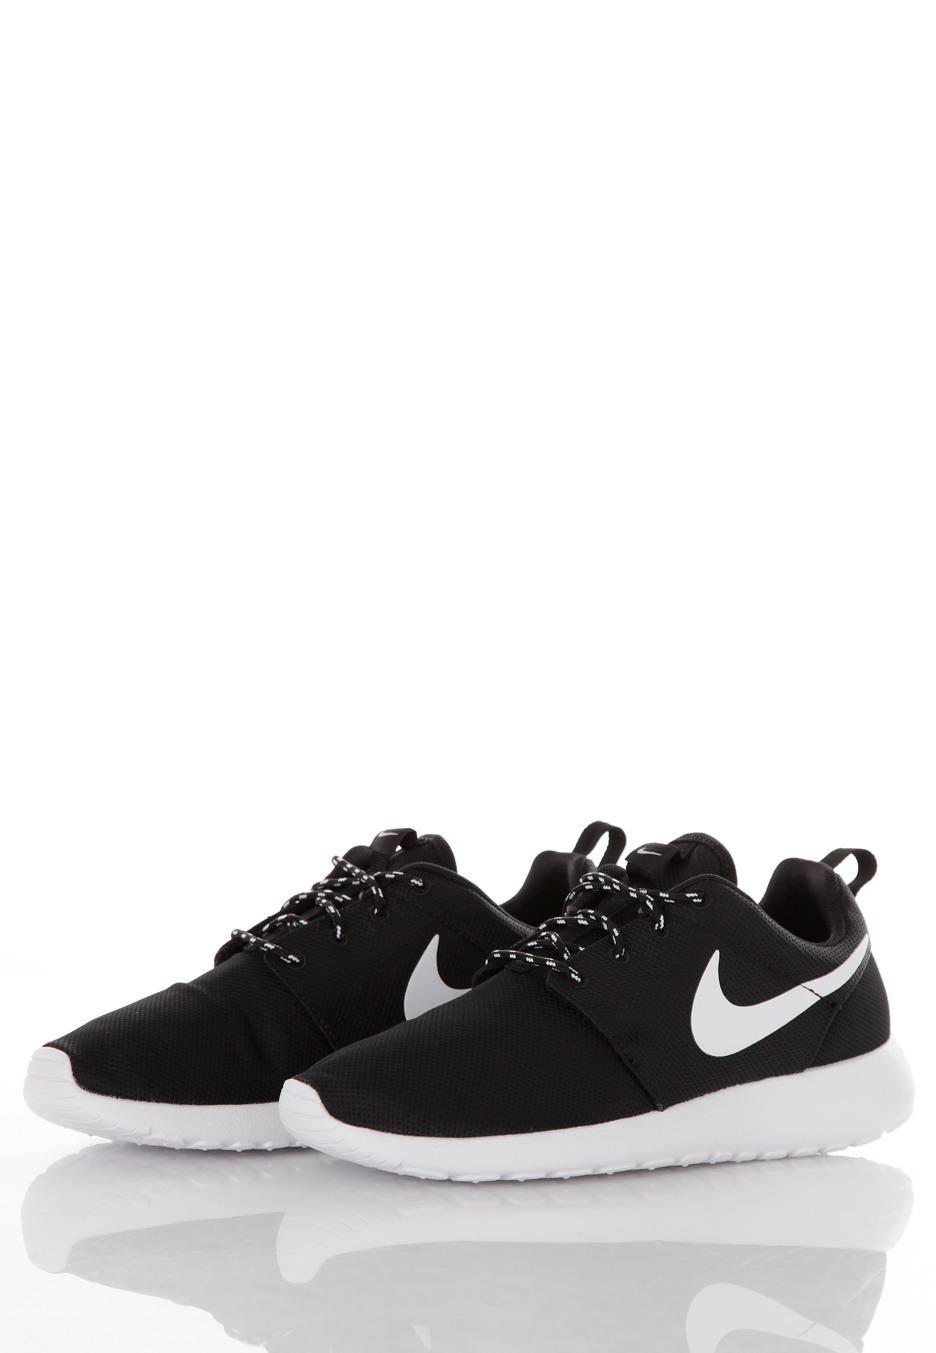 d827e94513f82 where to buy nike roshe run black white volt girl shoes 4f4ef 0119a